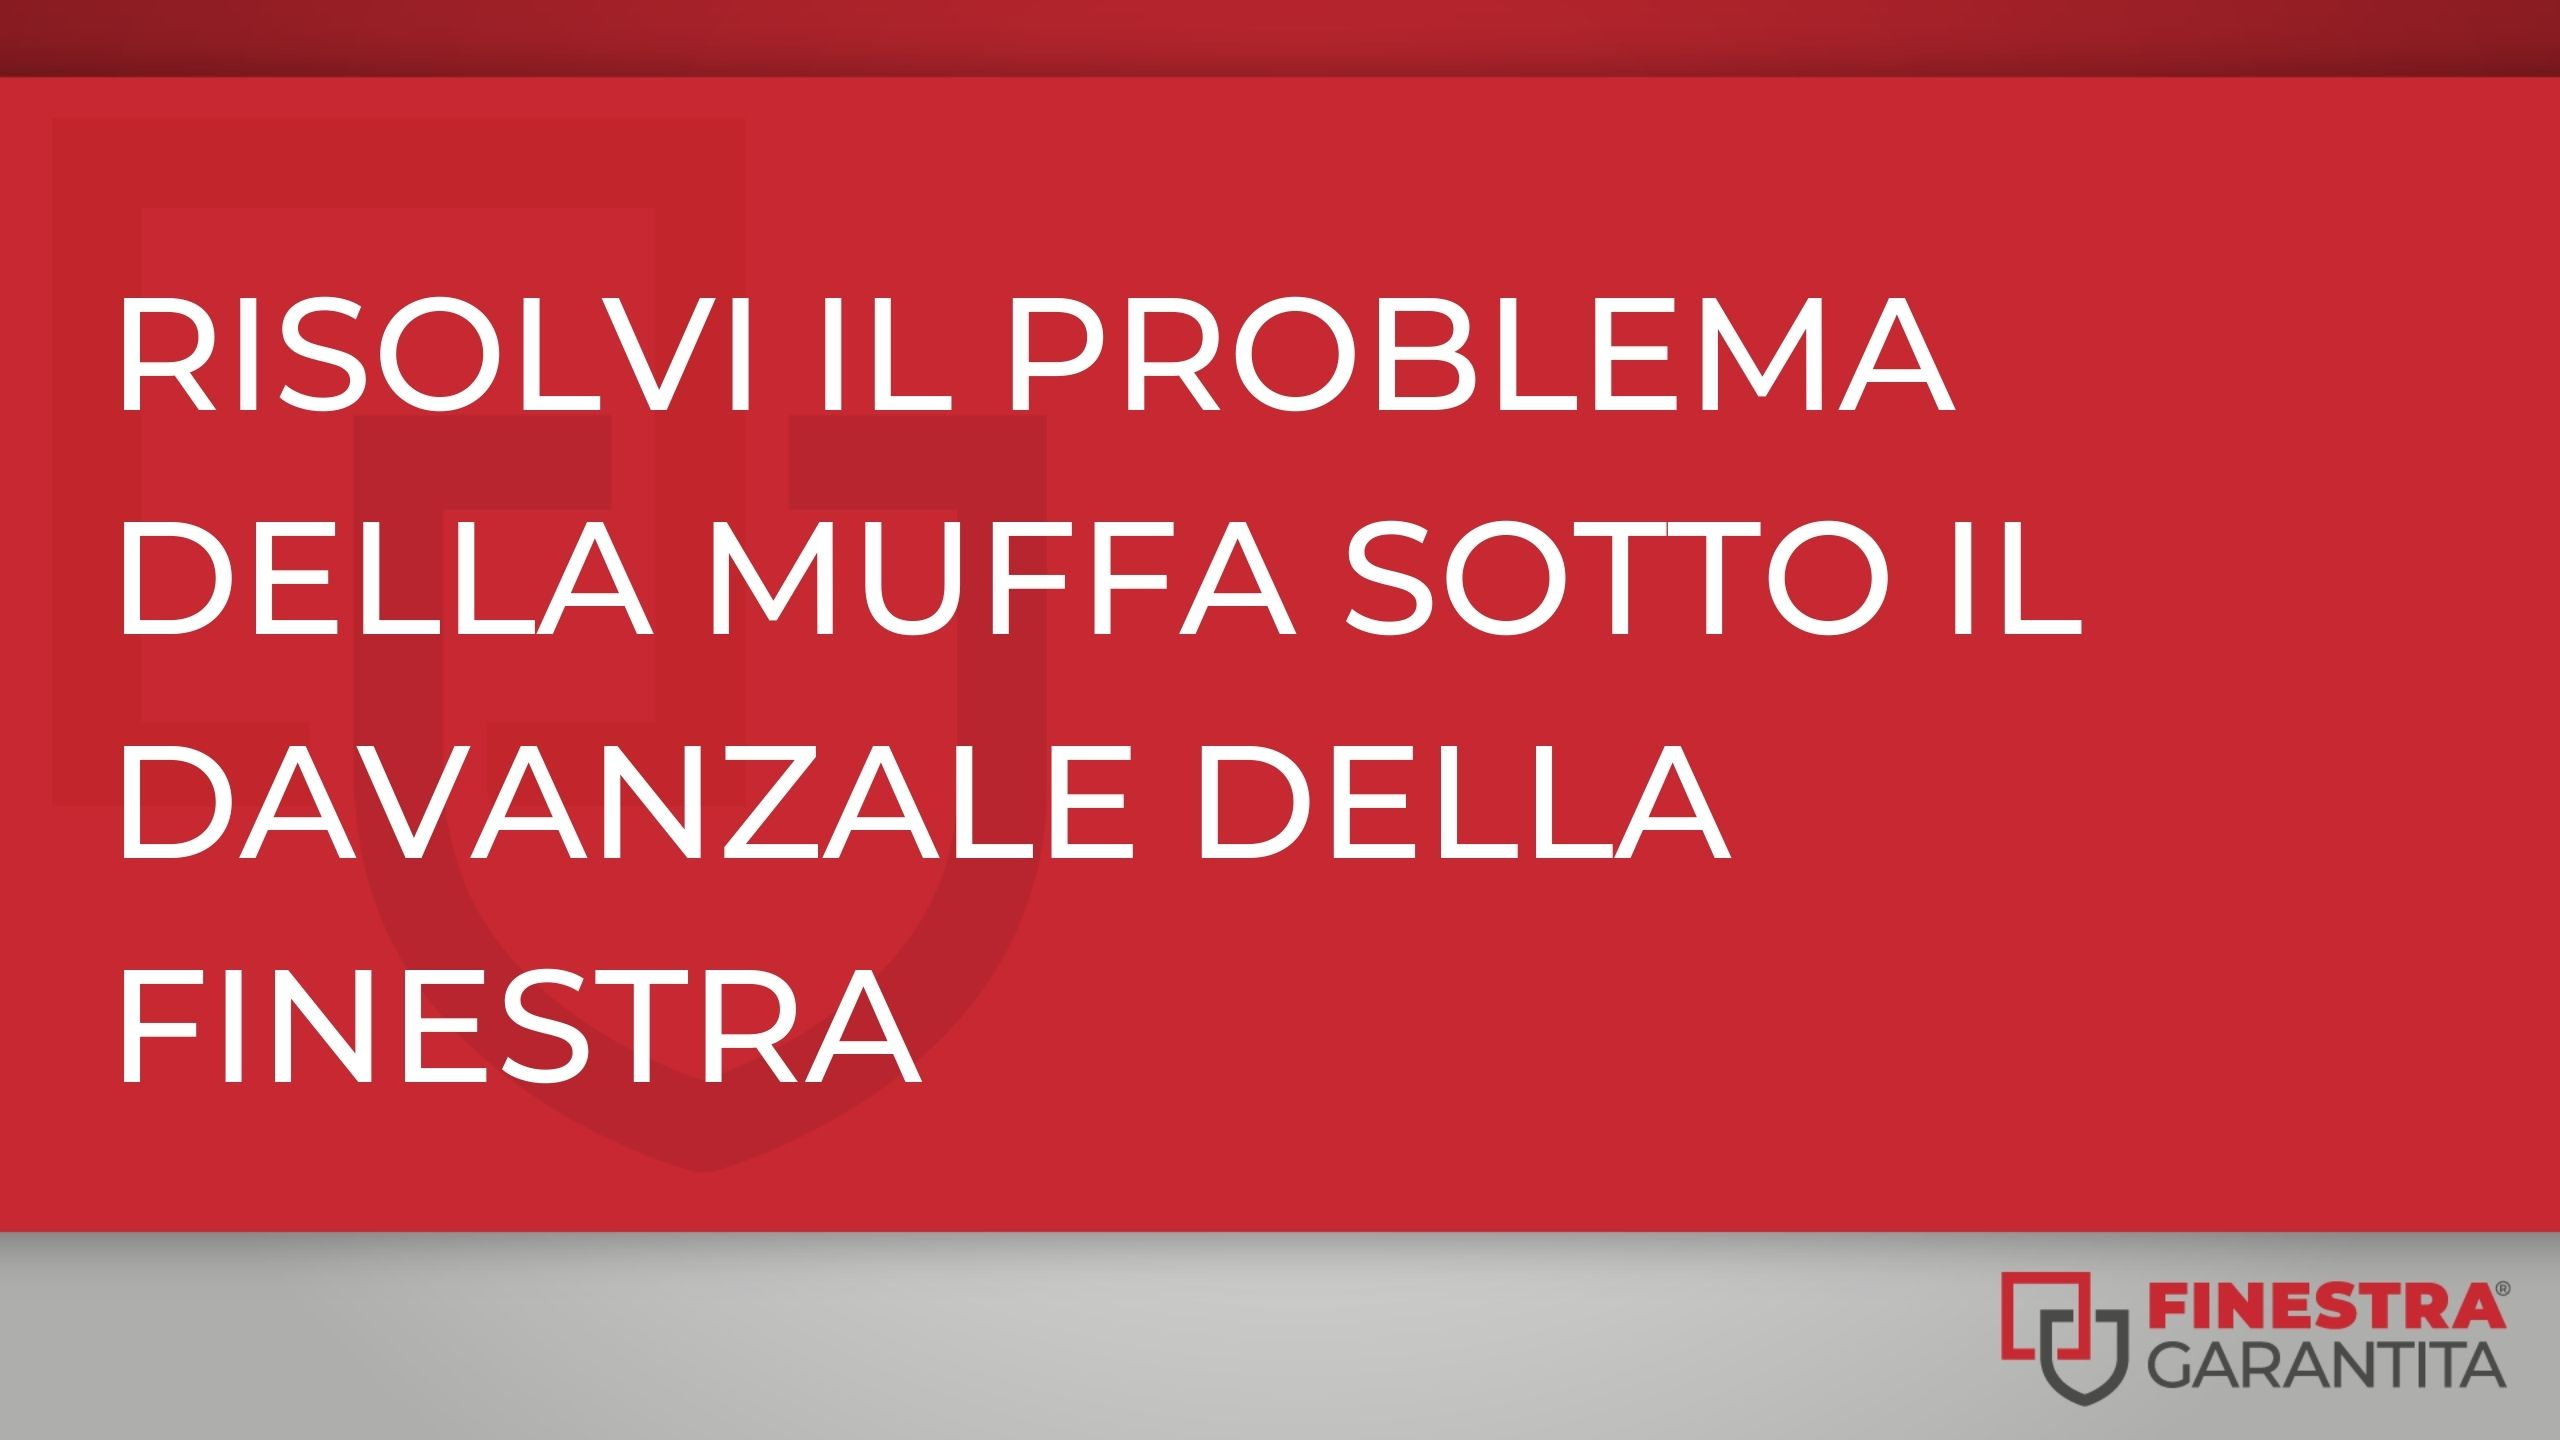 muffa_sotto_davanzale_finestra_finestra_garantita: titolo dell'articolo in bianco su sfondo rosso